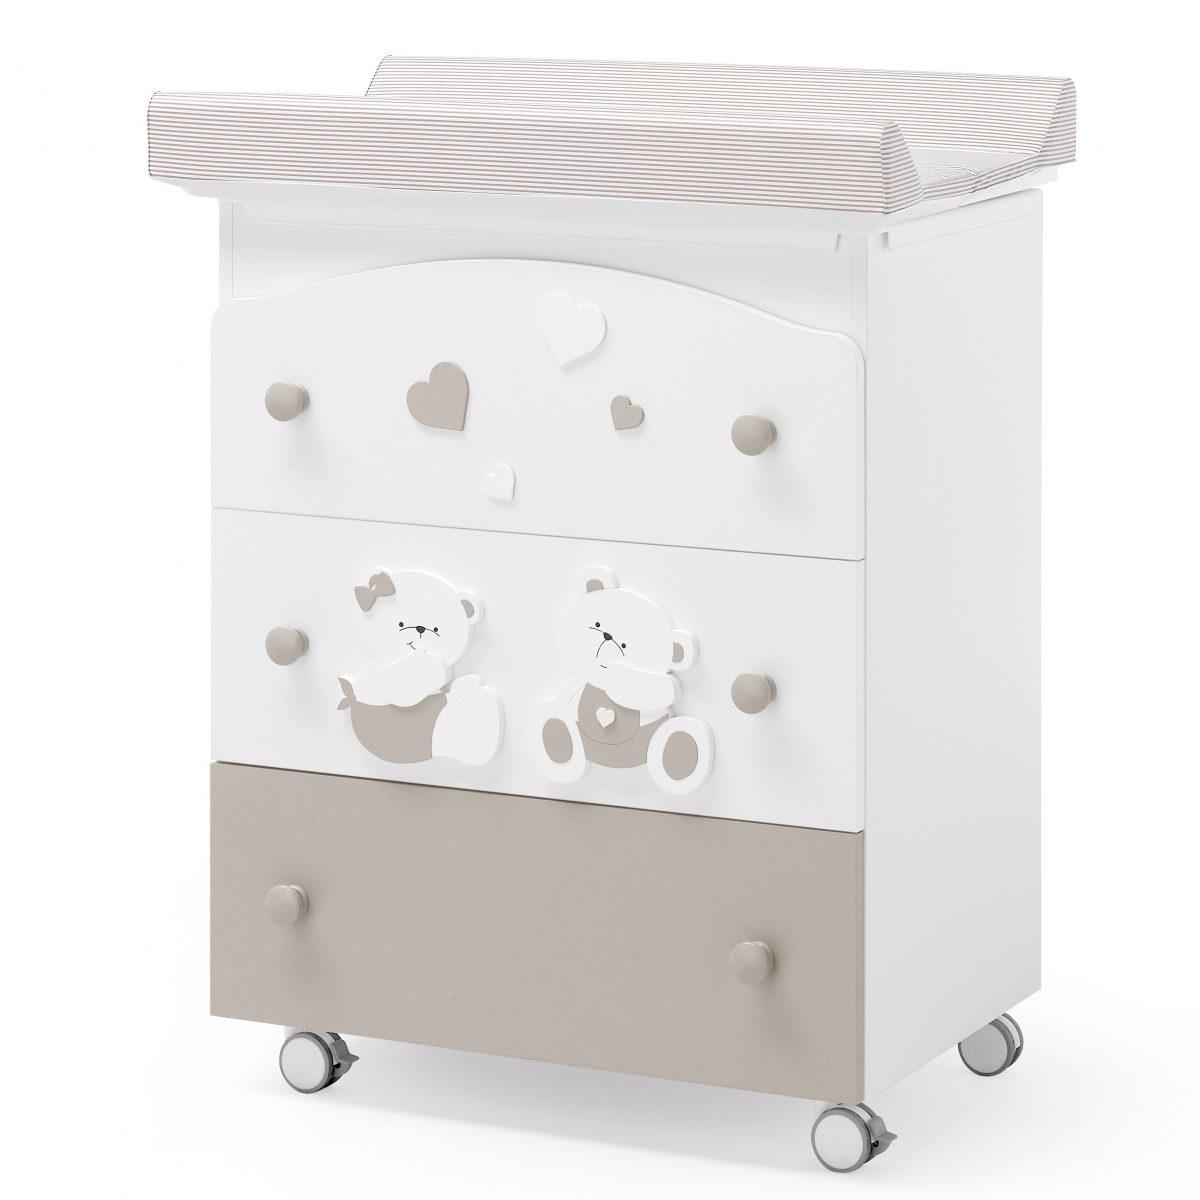 luxusní dětský nábytek - přebalovací pult 3v1 Mirtillo